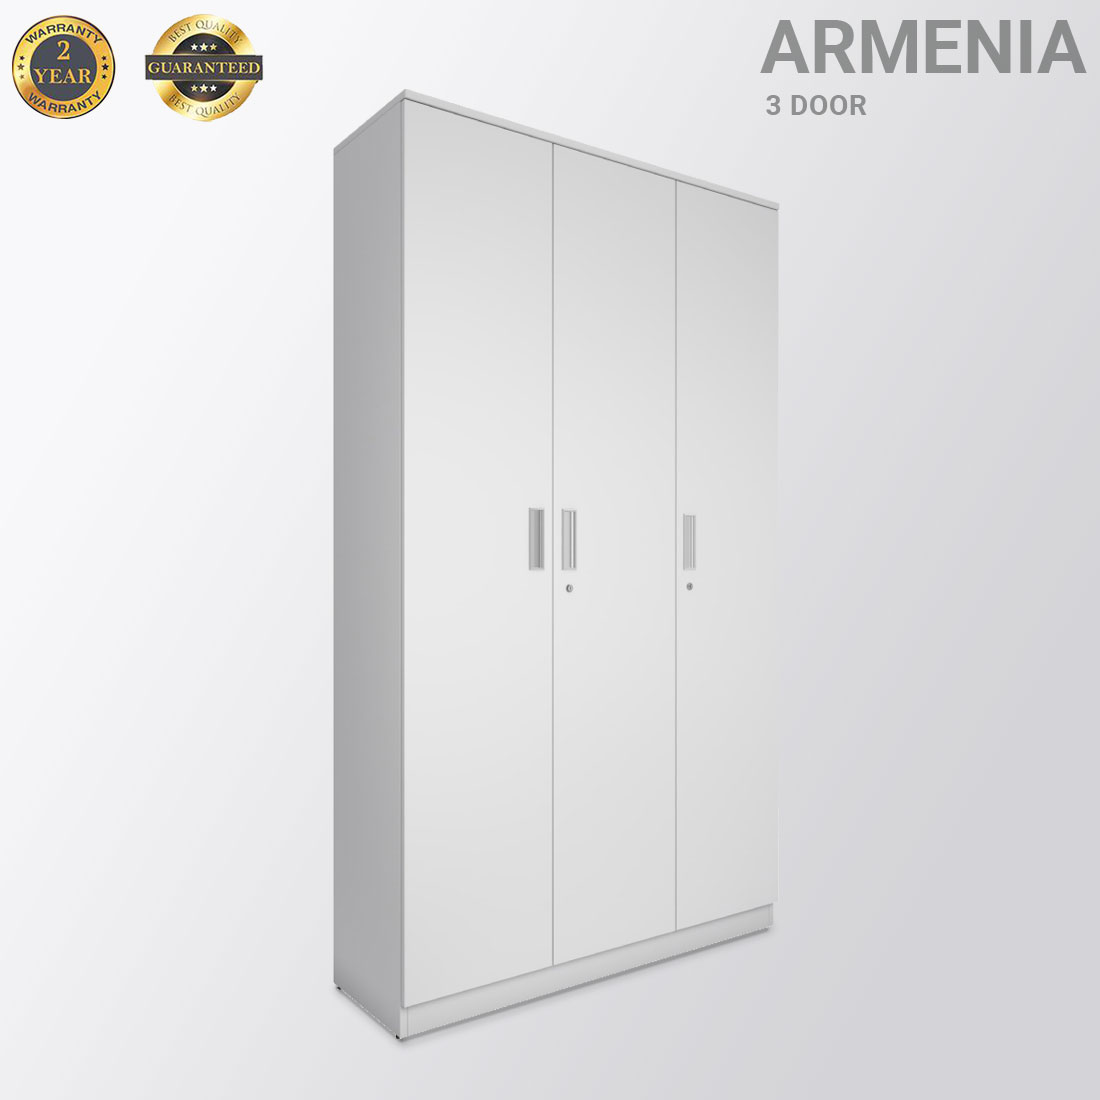 Armenia white three door